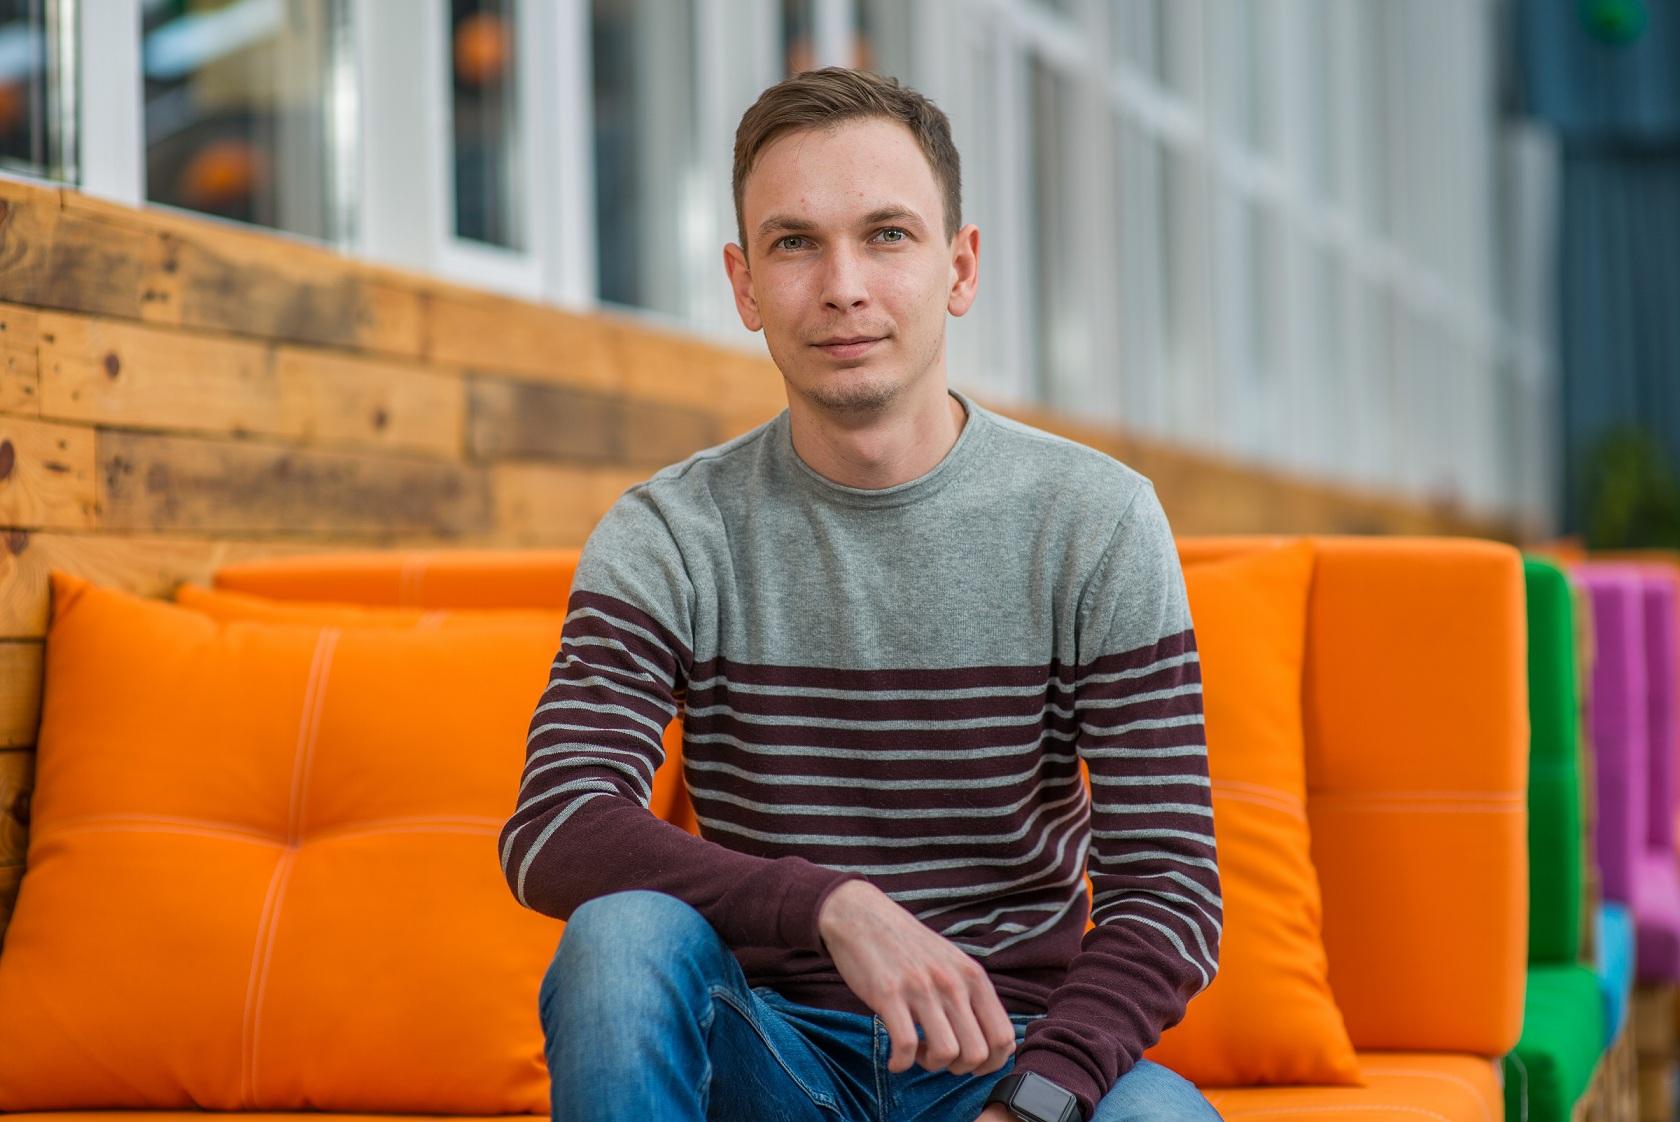 Андрій Здор, Bigl.ua: «Ми не відчули падіння трафіку від зміни алгоритмів Facebook»